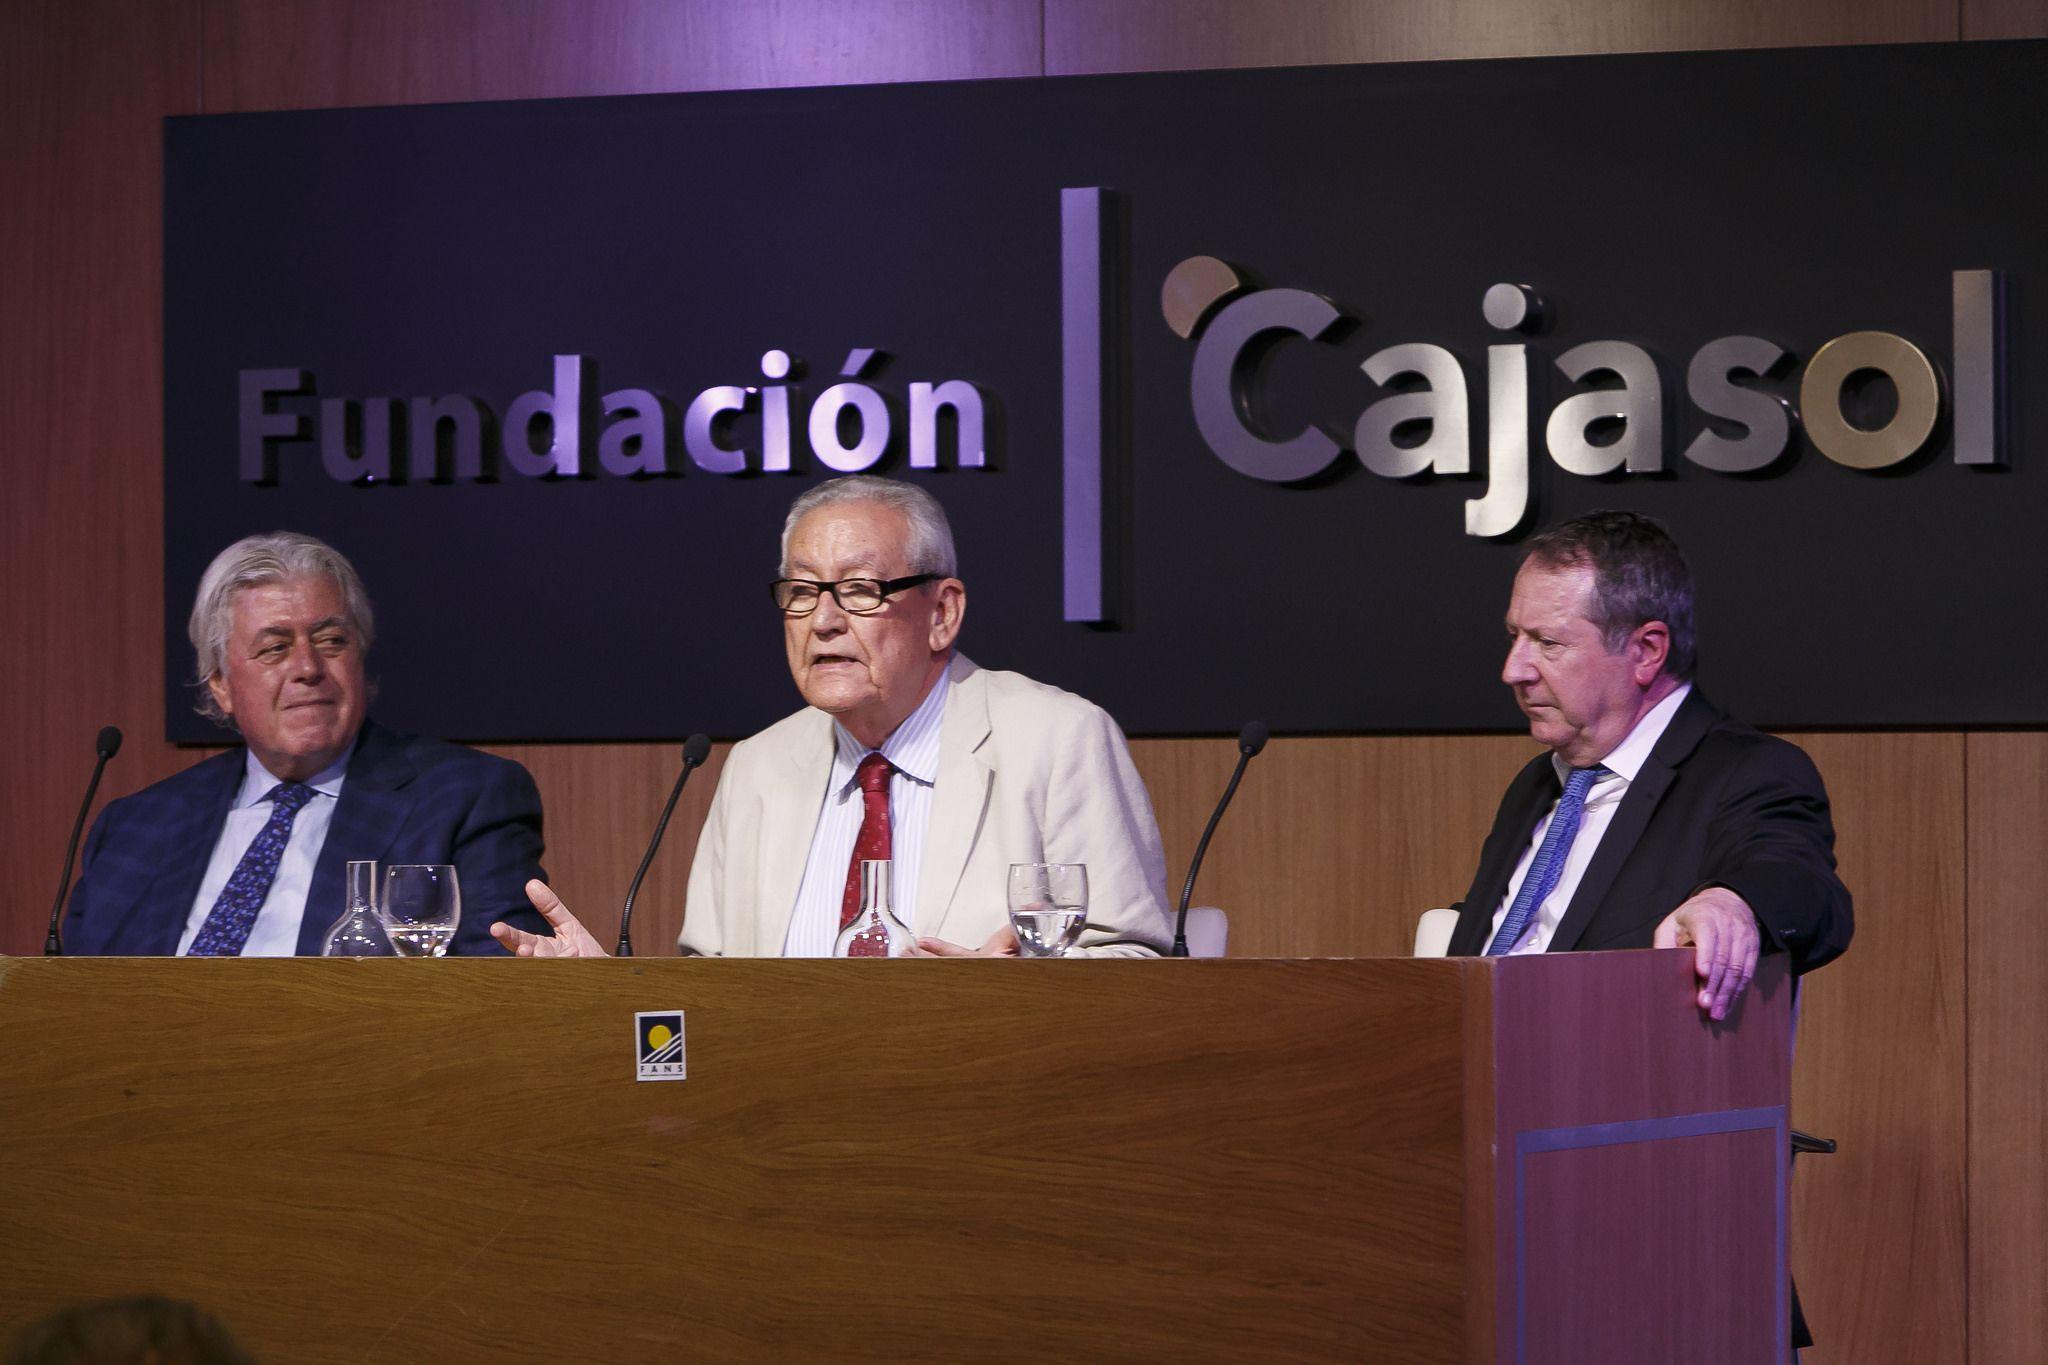 El Presidente de la Fundación Cajasol en el Foro Nueva Sociedad: Cataluña en la Encrucijada